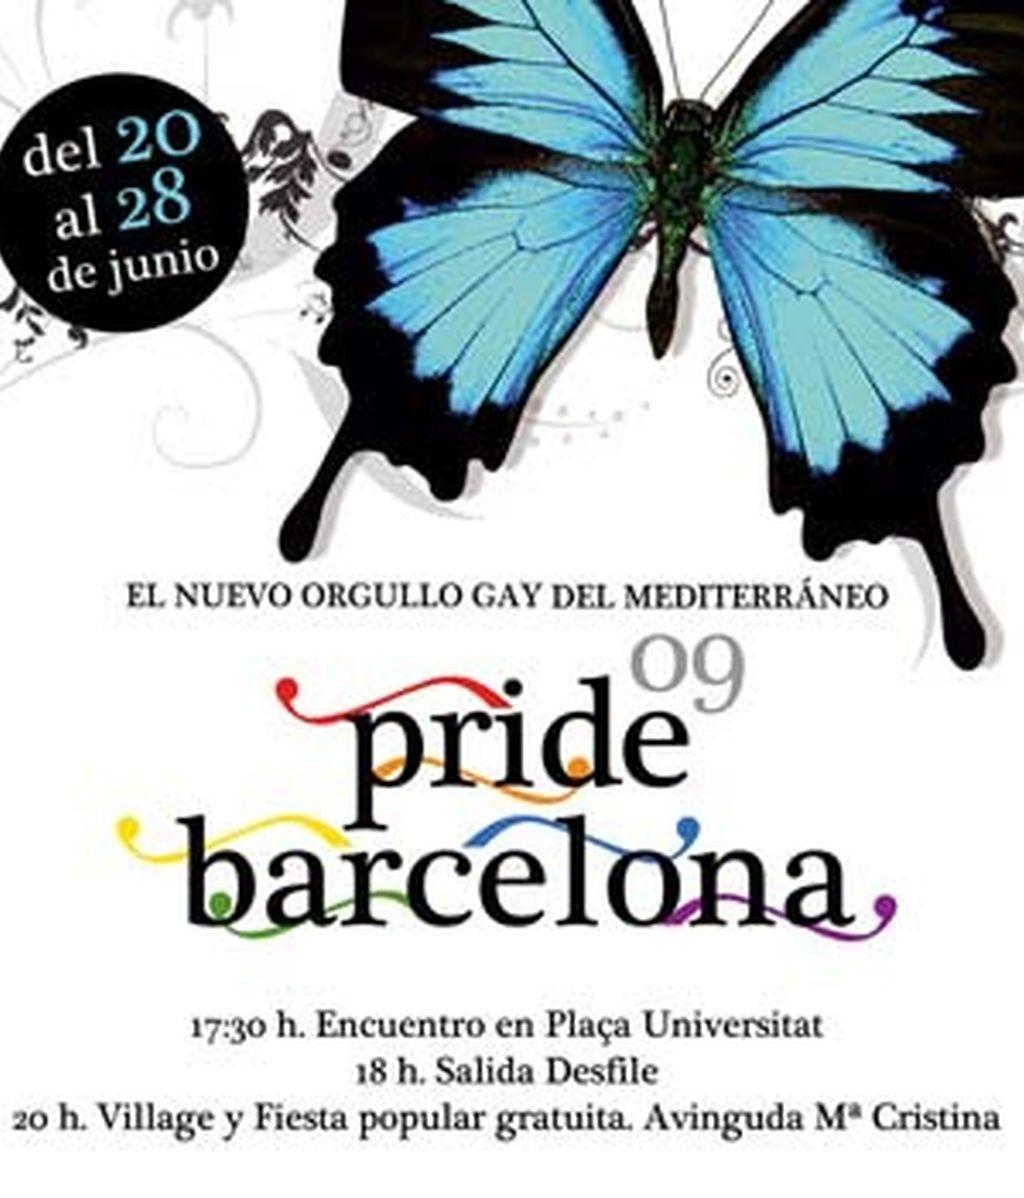 El desfile del Orgullo Gay del Mediterráneo, una gran fiesta con todo tipo de actividades, conciertos, cine, exposiciones, en Barcelona. Vídeo Informativos Telecinco.